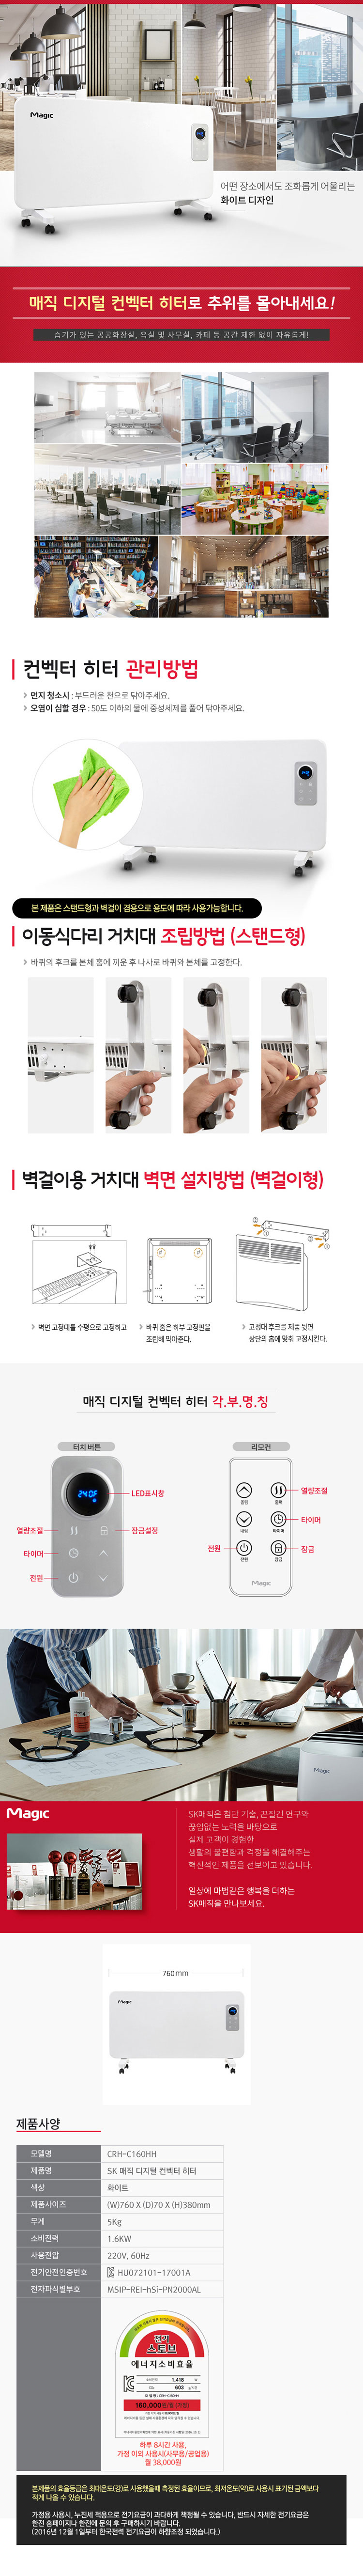 전기히터,카본히터,온풍팬히터,컨벡터히터,파티션히터,보조난방